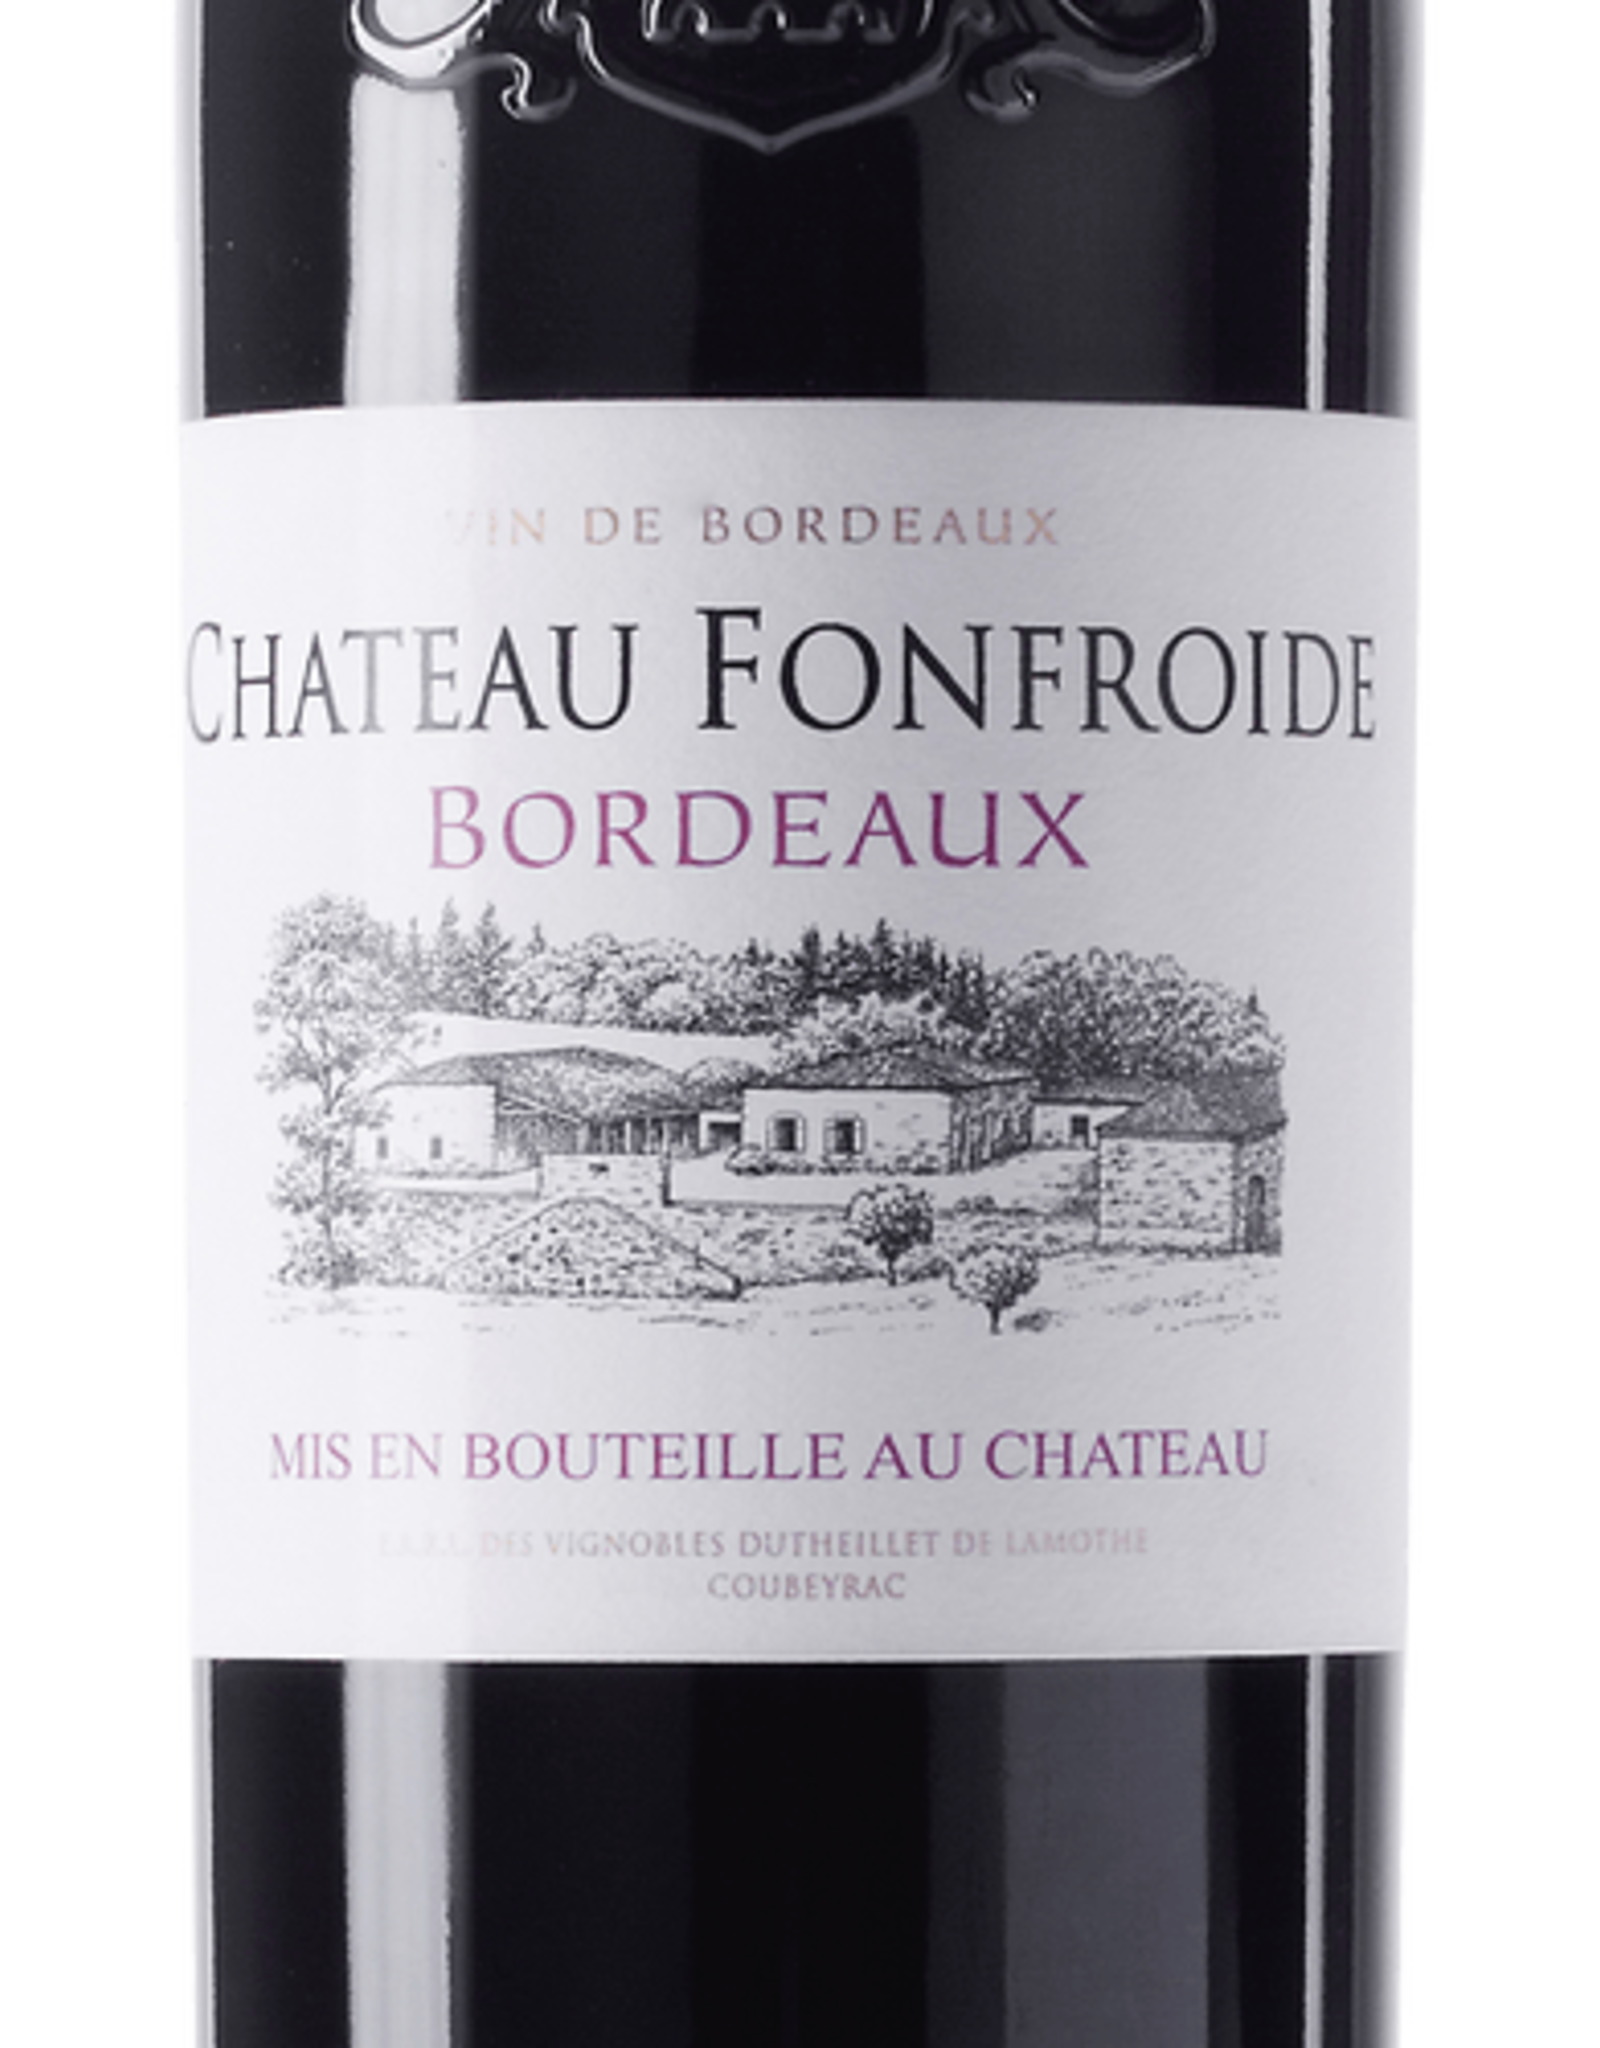 Chateau Fonfroide Bordeaux 2016